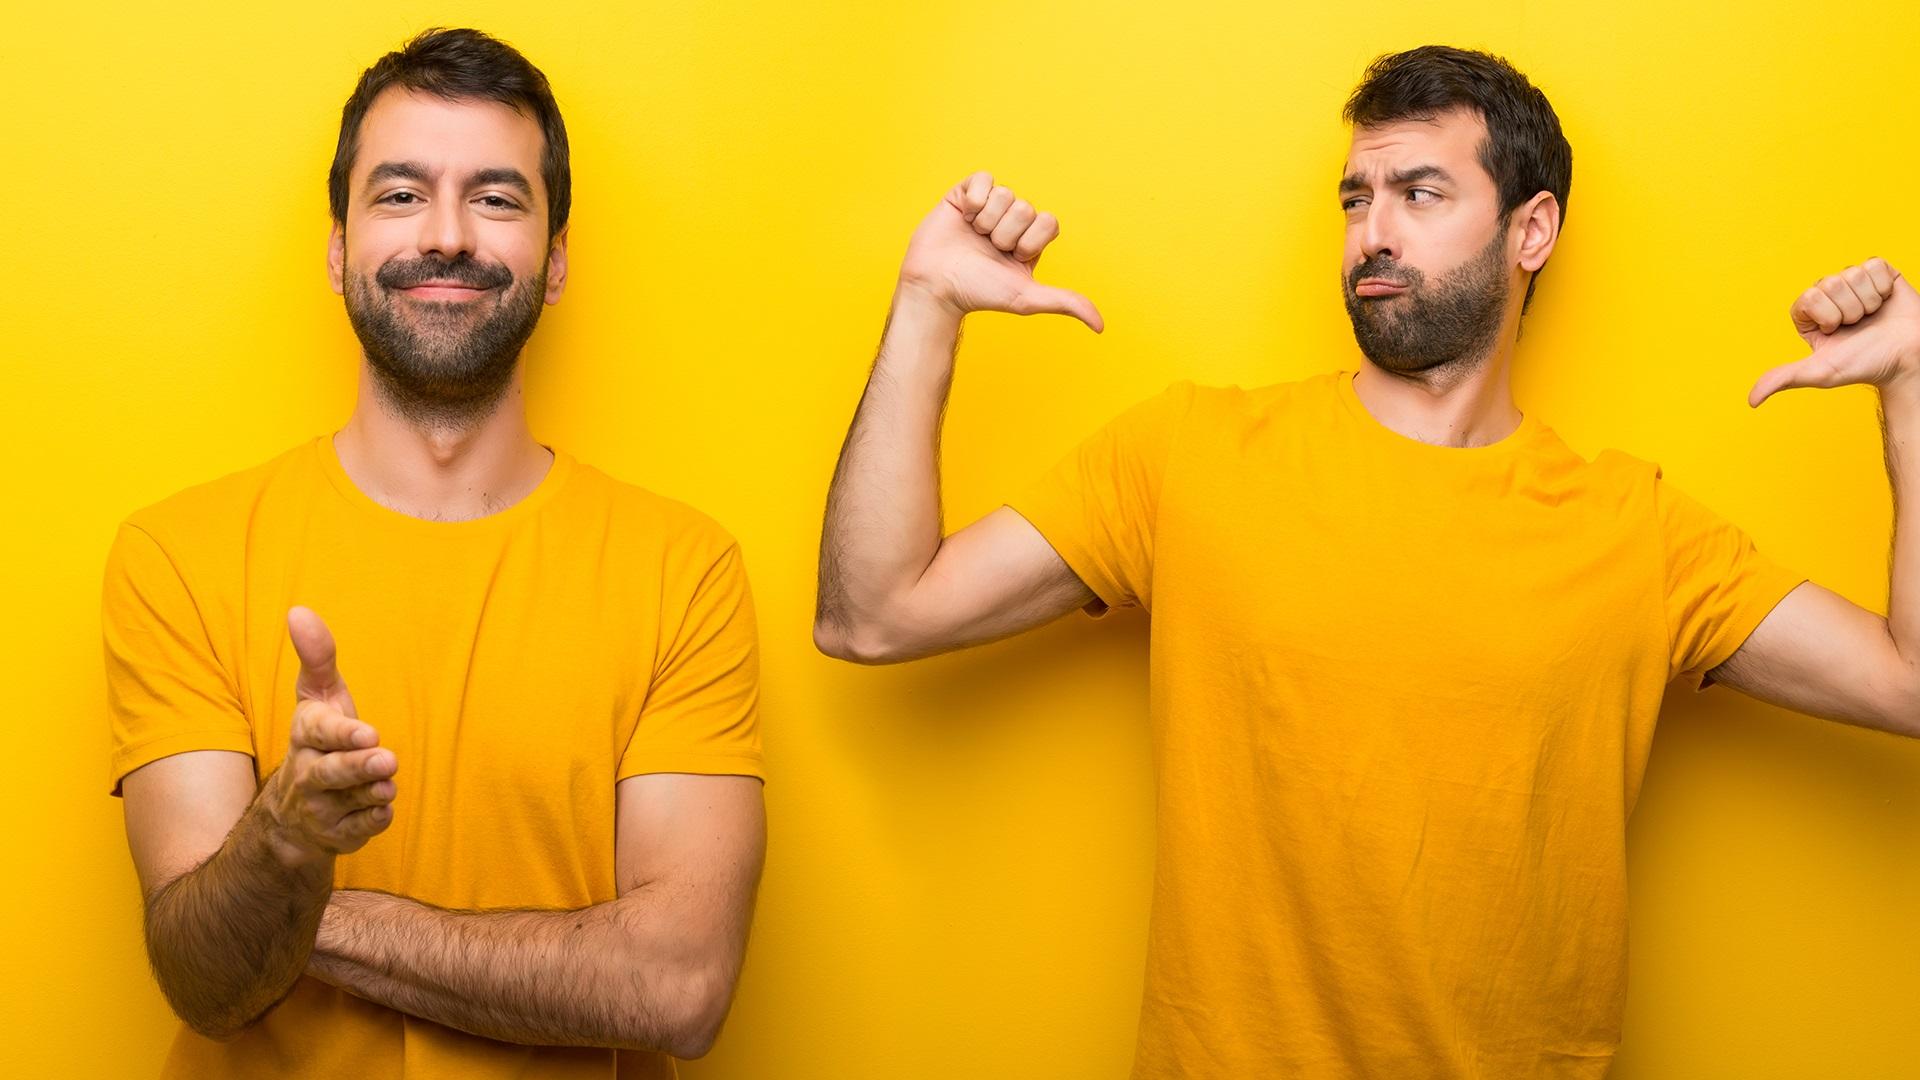 Wie du ein starkes Selbstbewusstsein ausstrahlen kannst